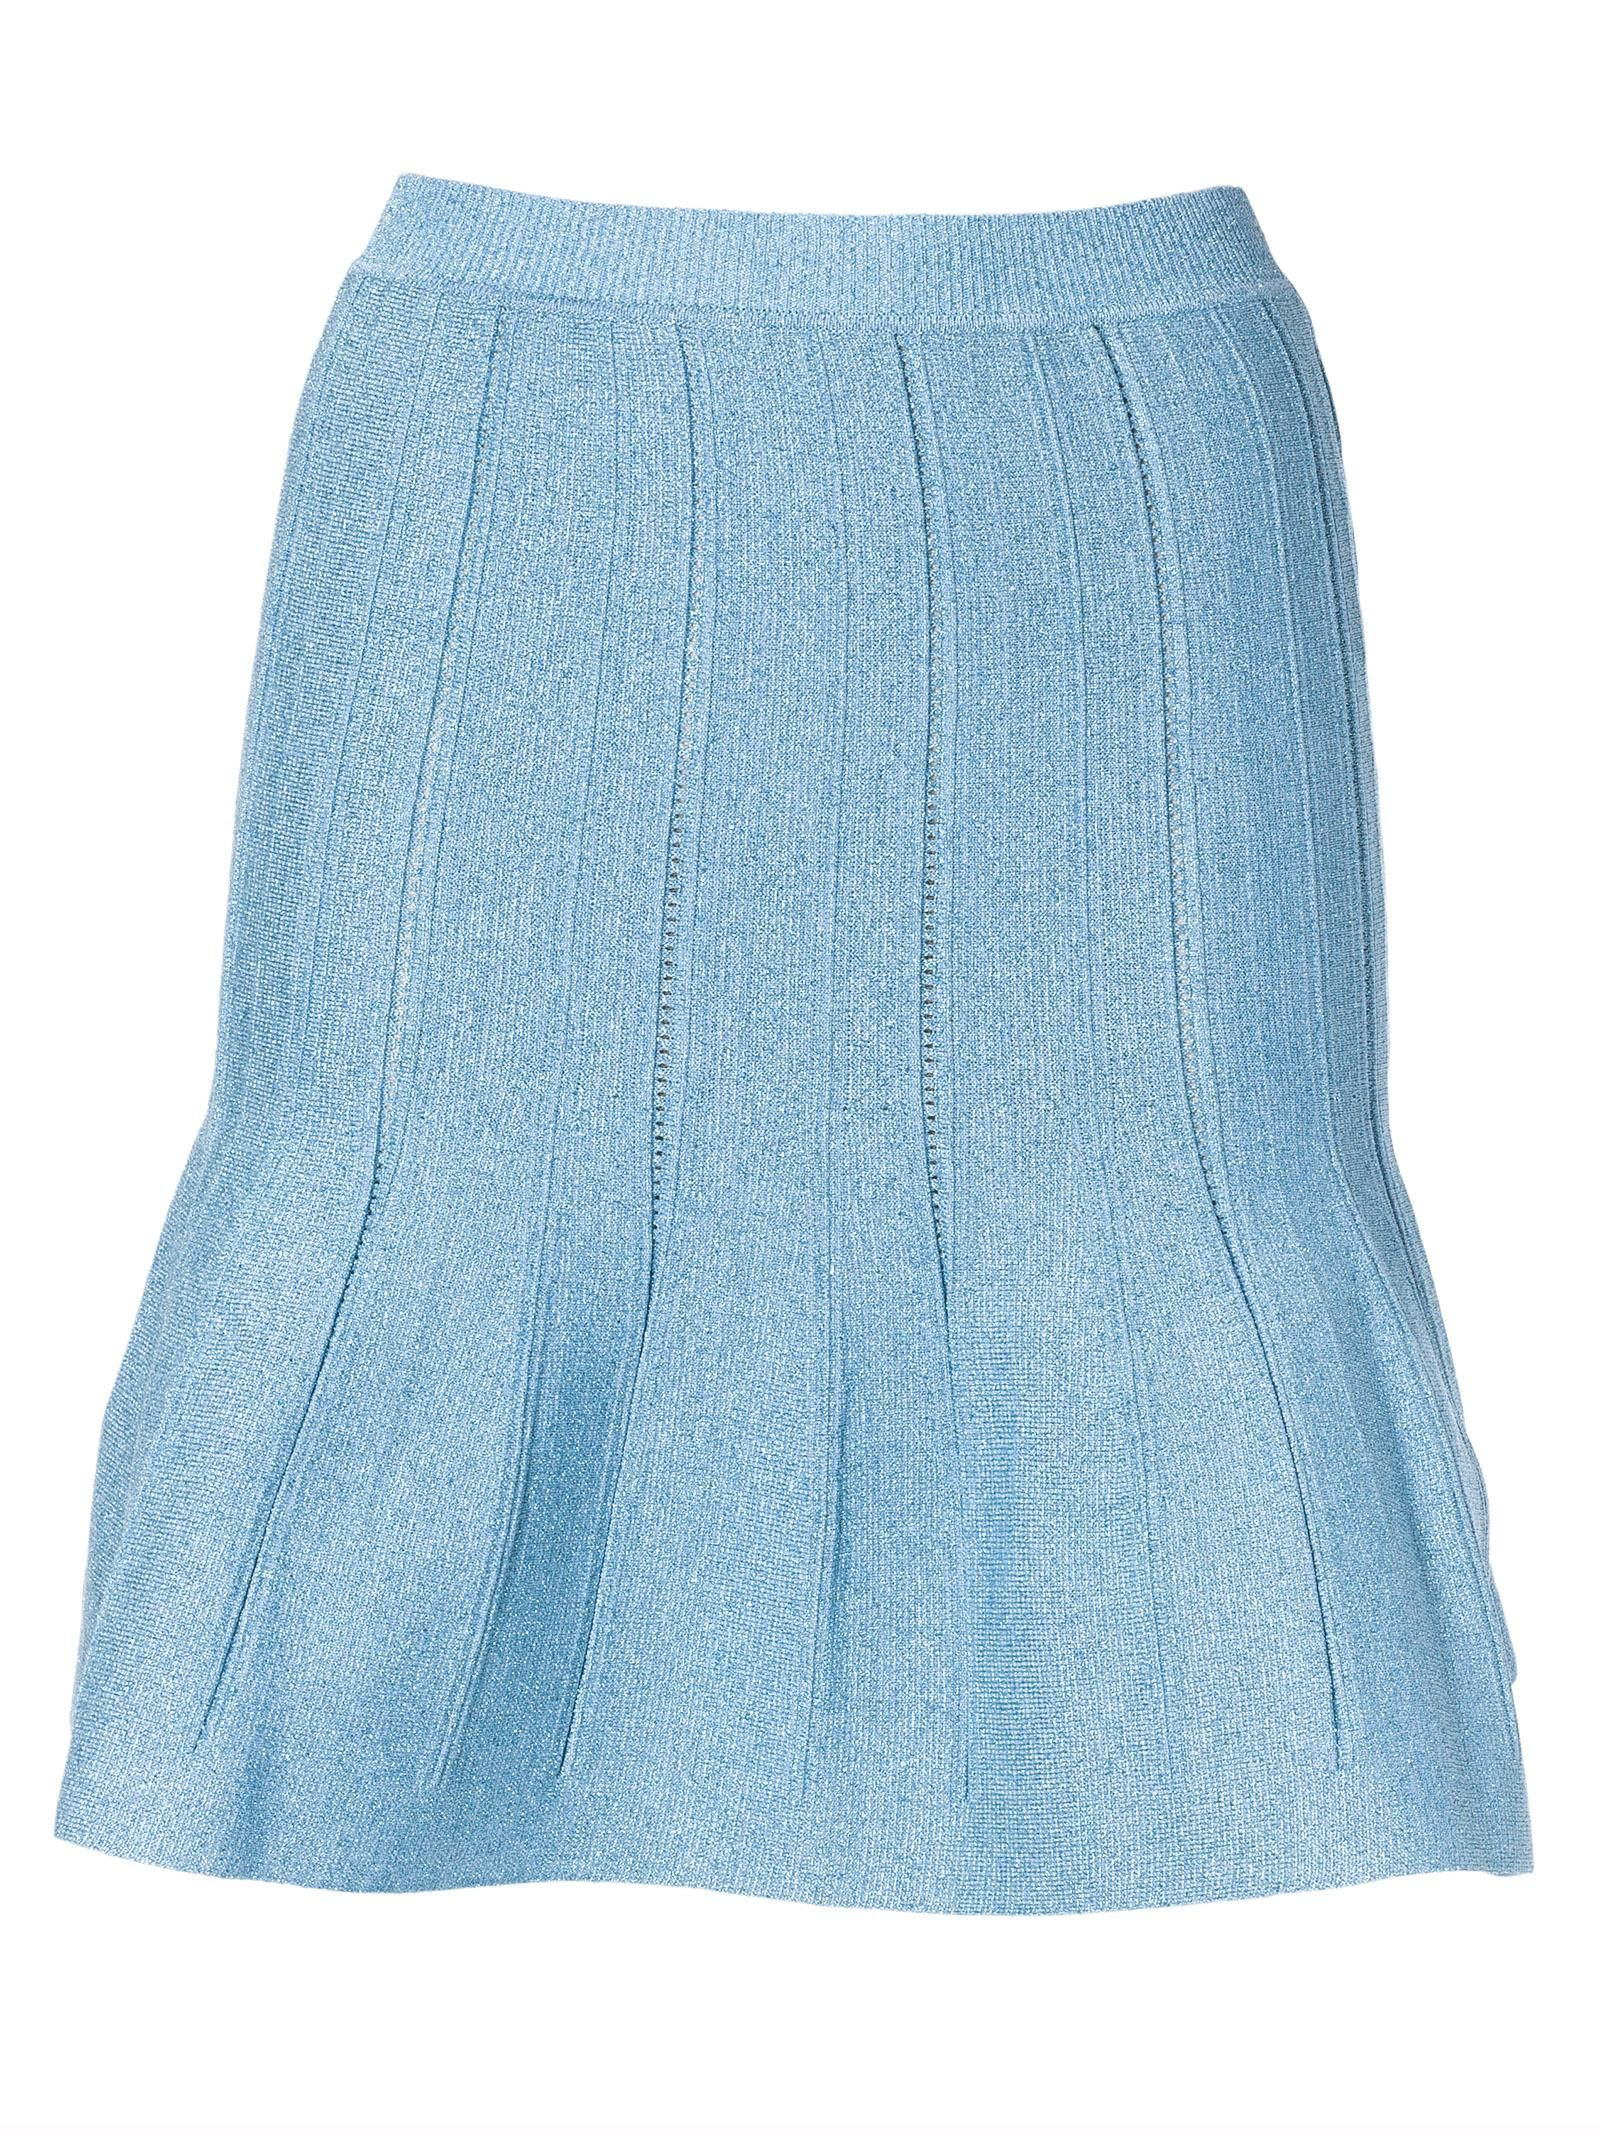 Alberta Ferretti Ruffled Mini Skirt